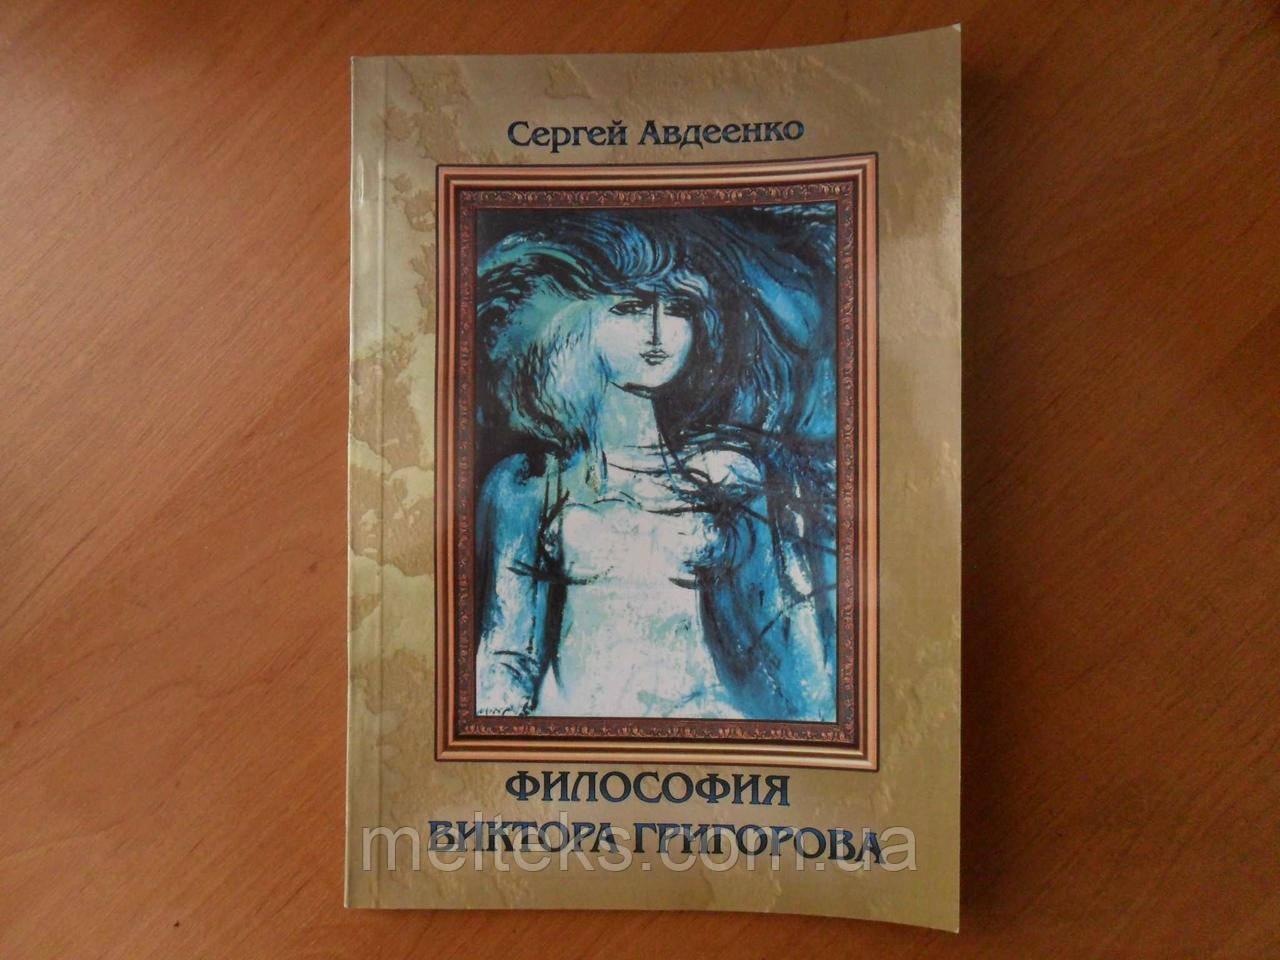 Философия Виктора Григорова (книга Сергея Авдеенко)